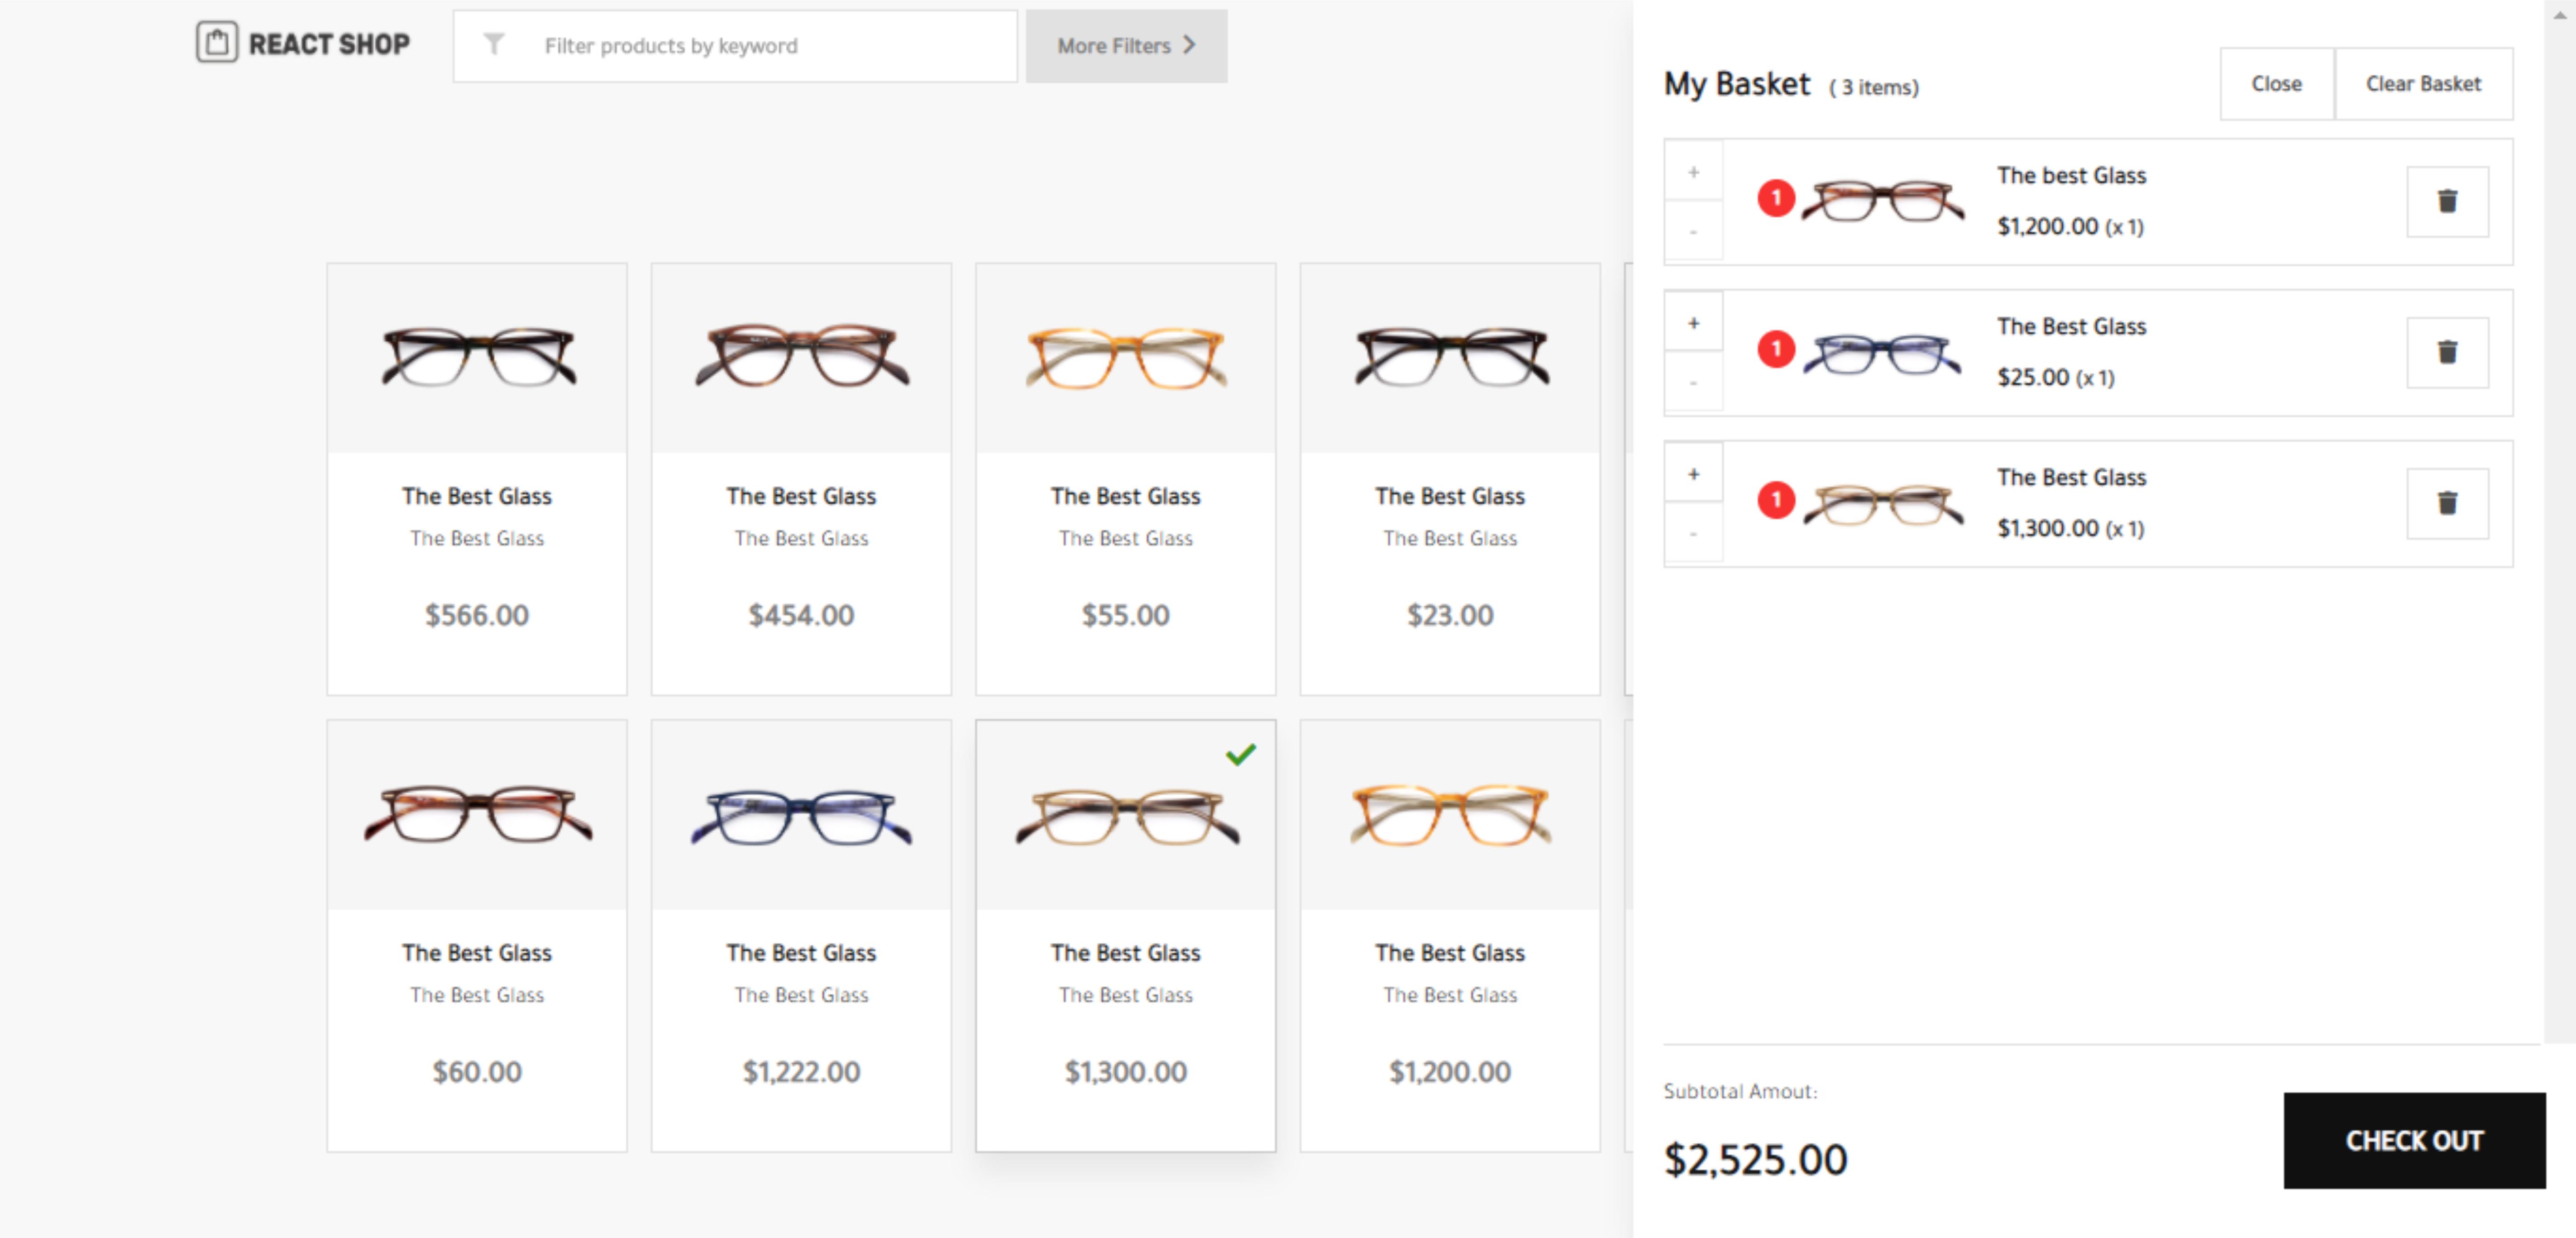 React Shop screenshot